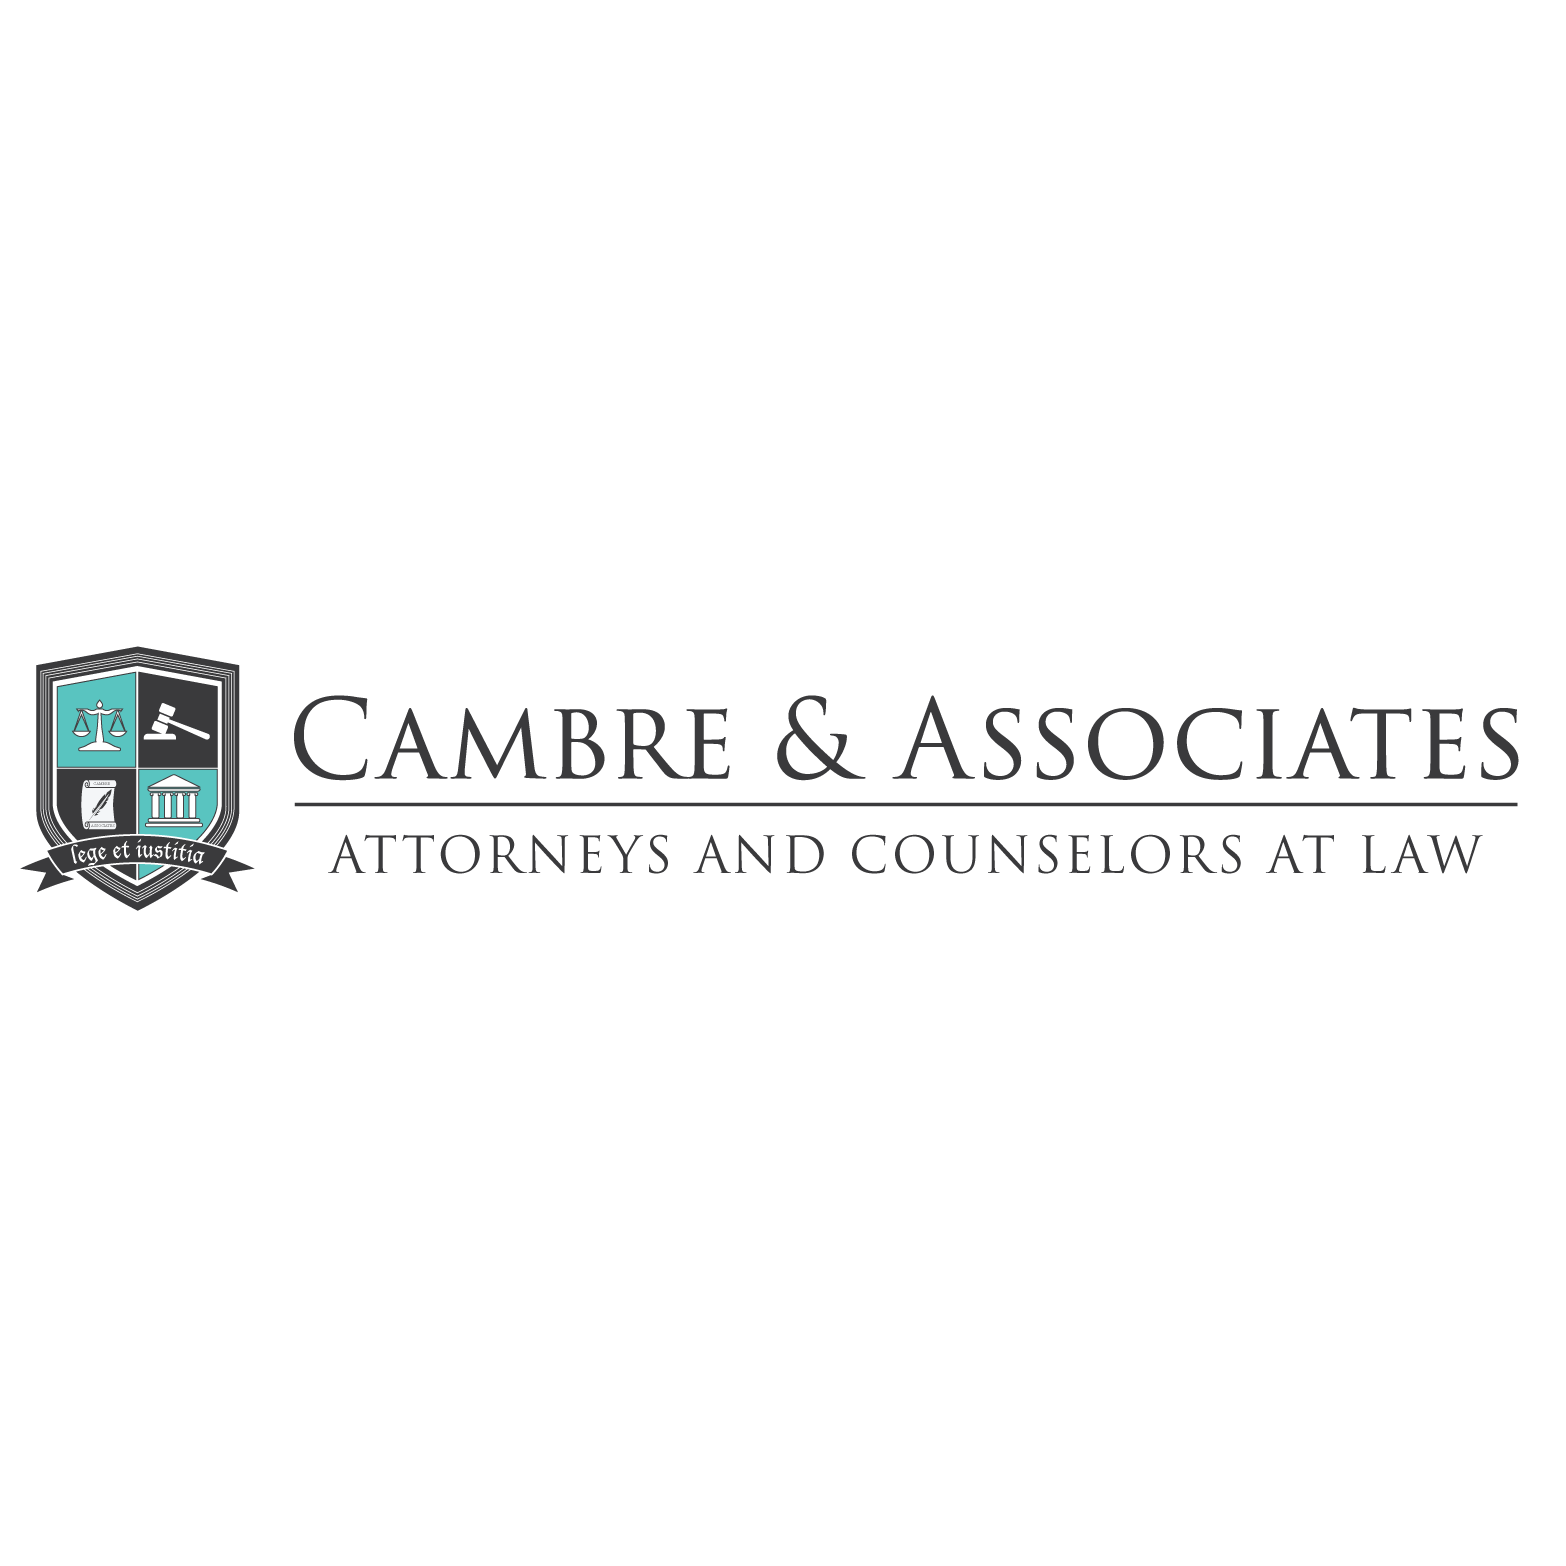 Cambre & Associates LLC